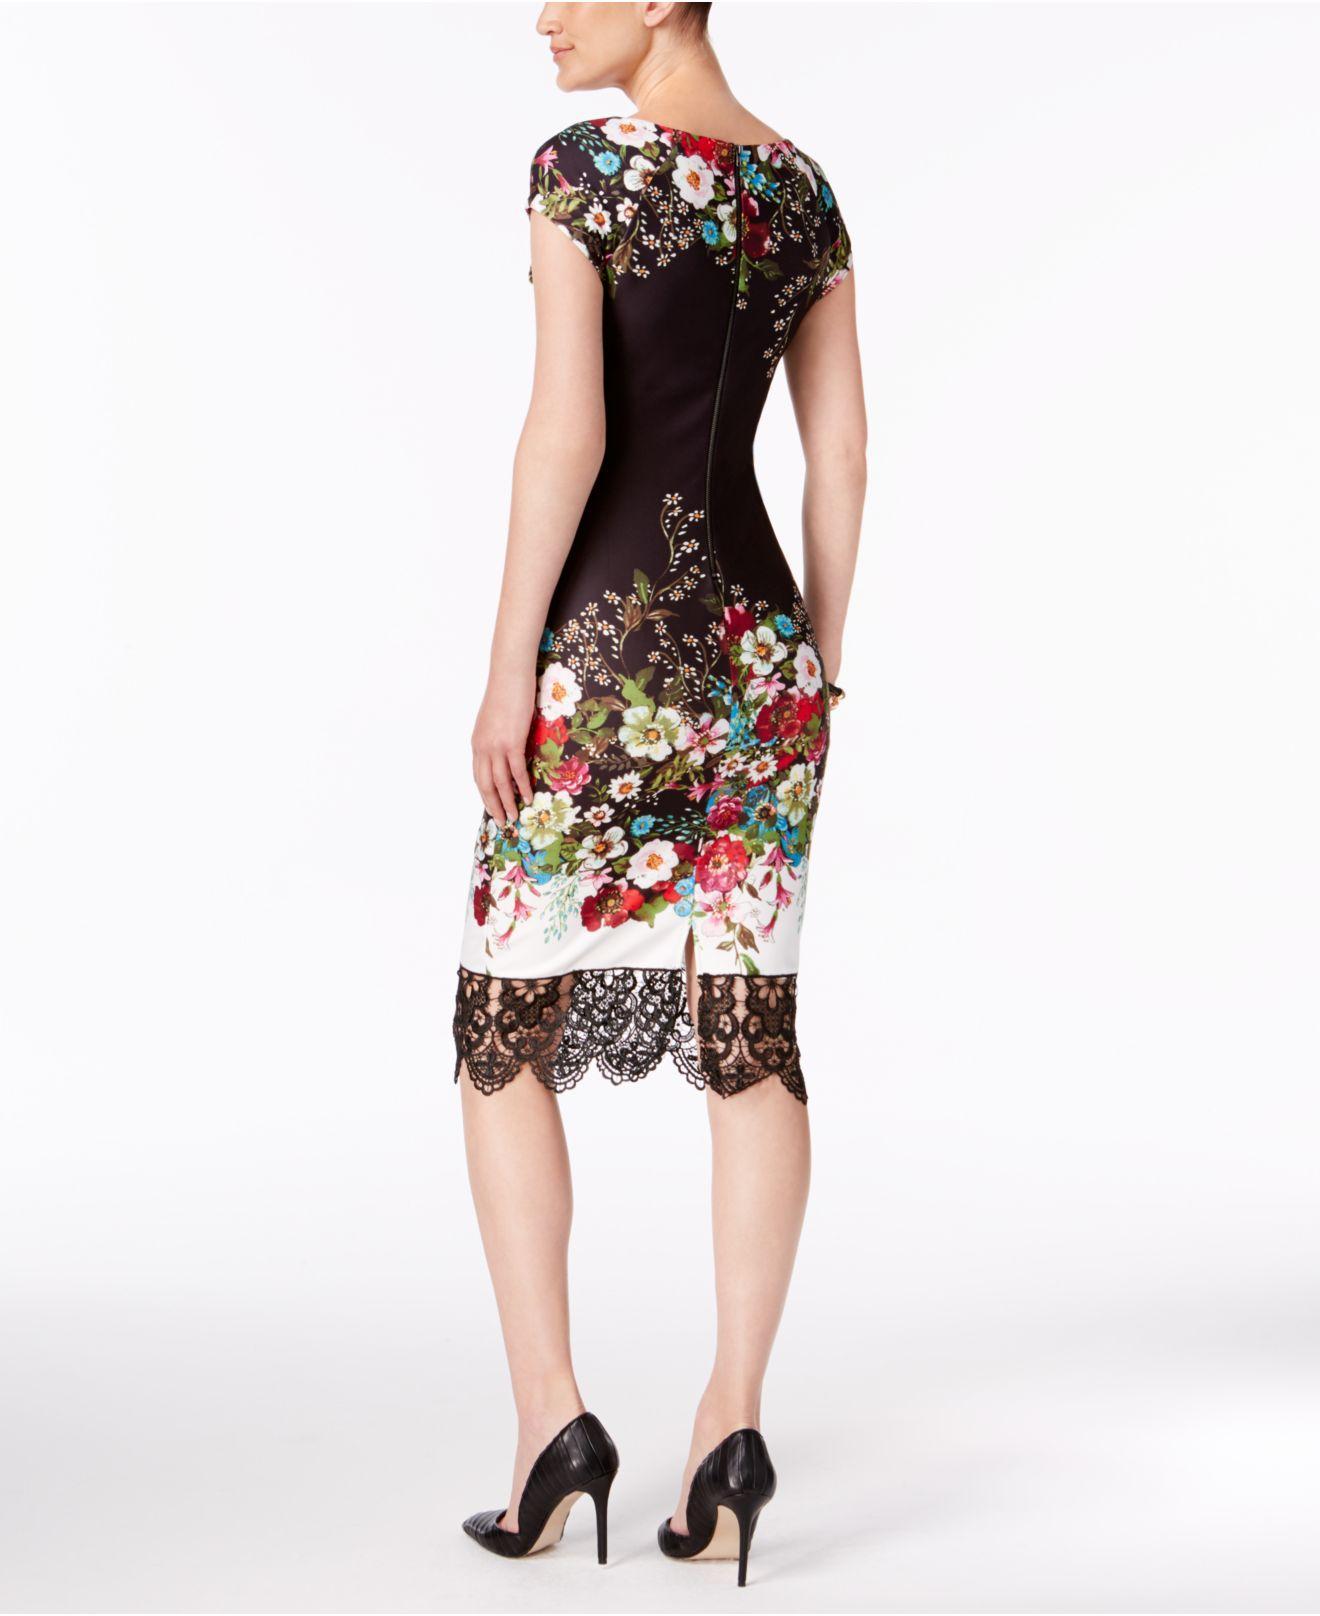 66e41af4 Eci Lace-trim Sheath Dress in Black - Lyst